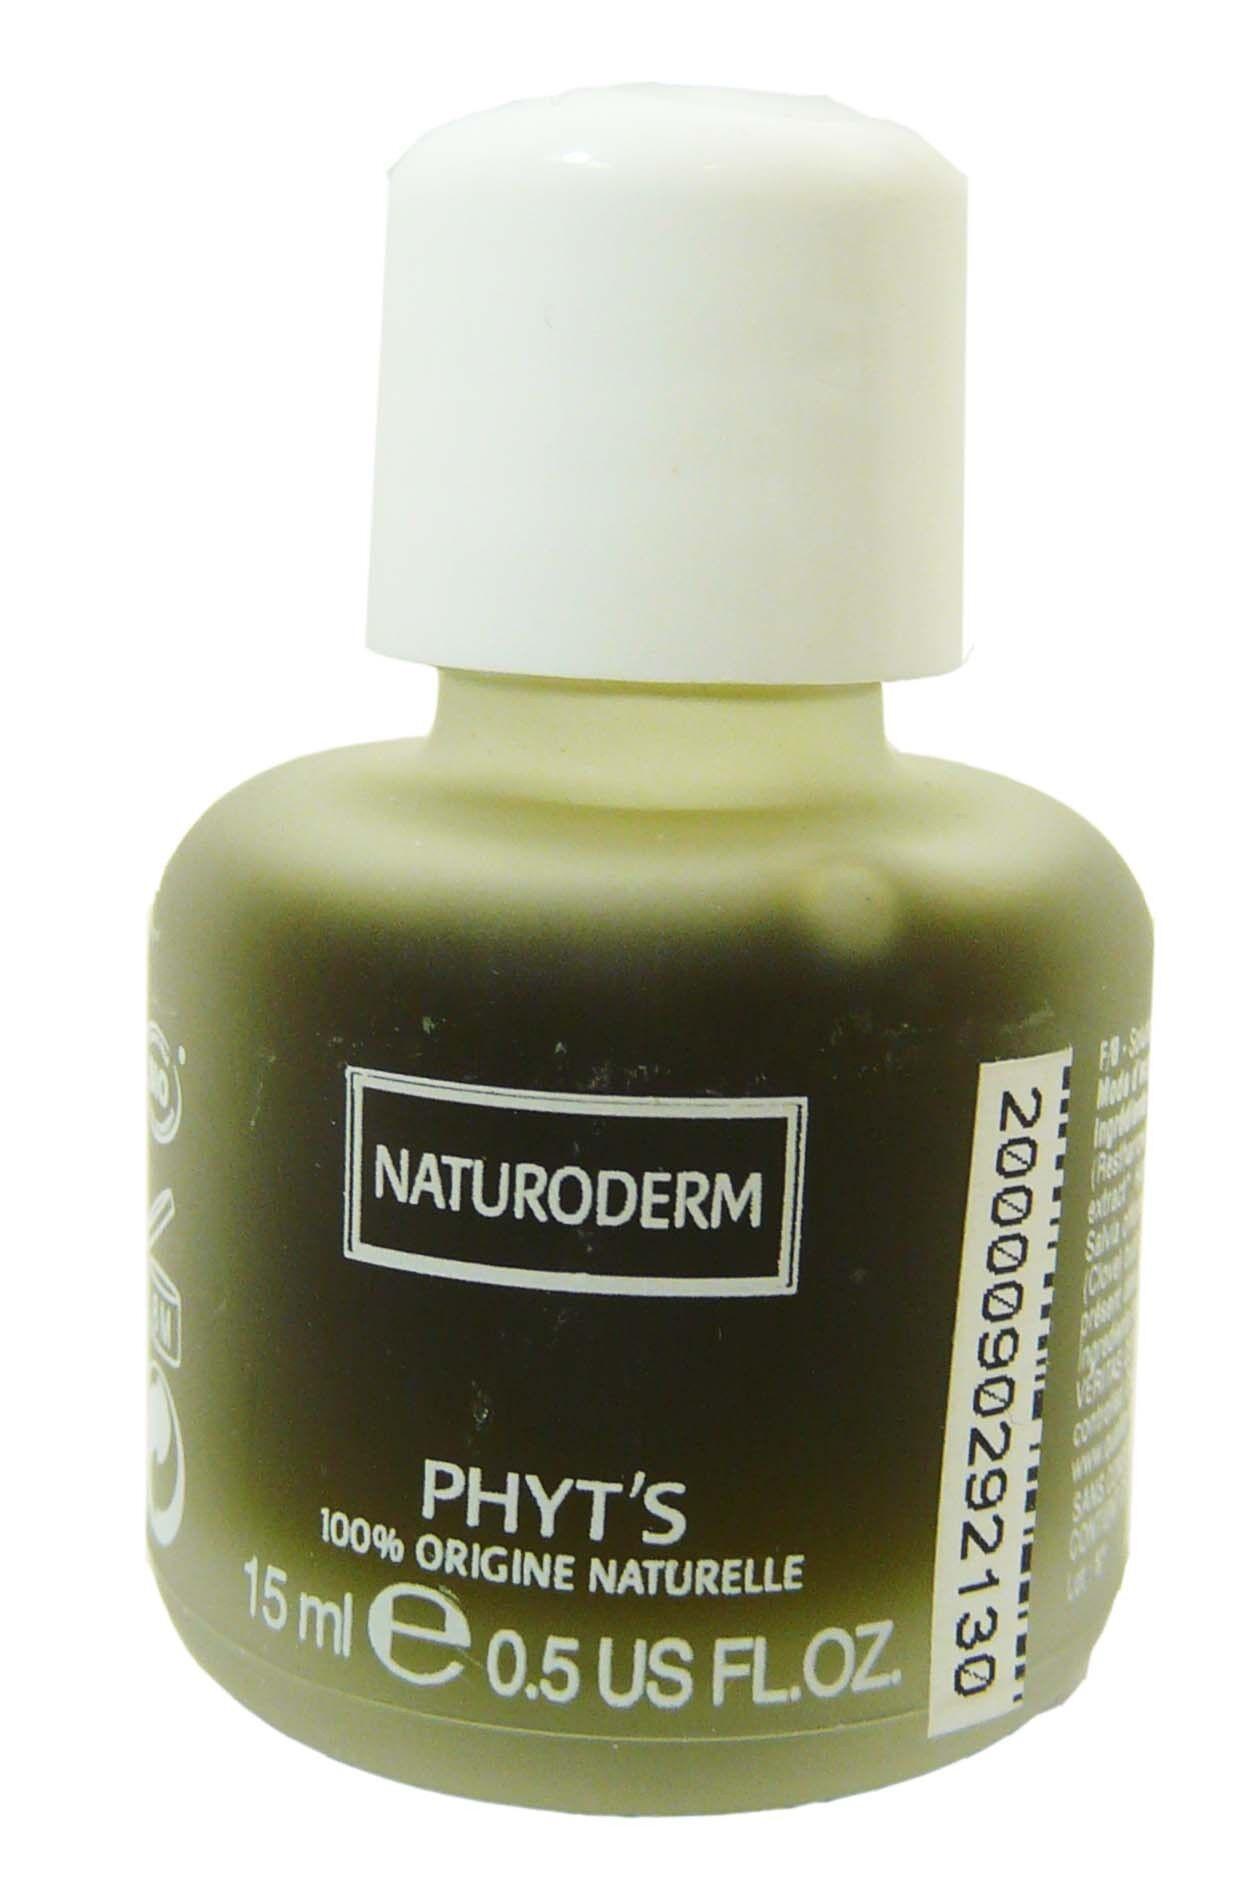 Phyt's naturoderm goutte a goutte 15ml